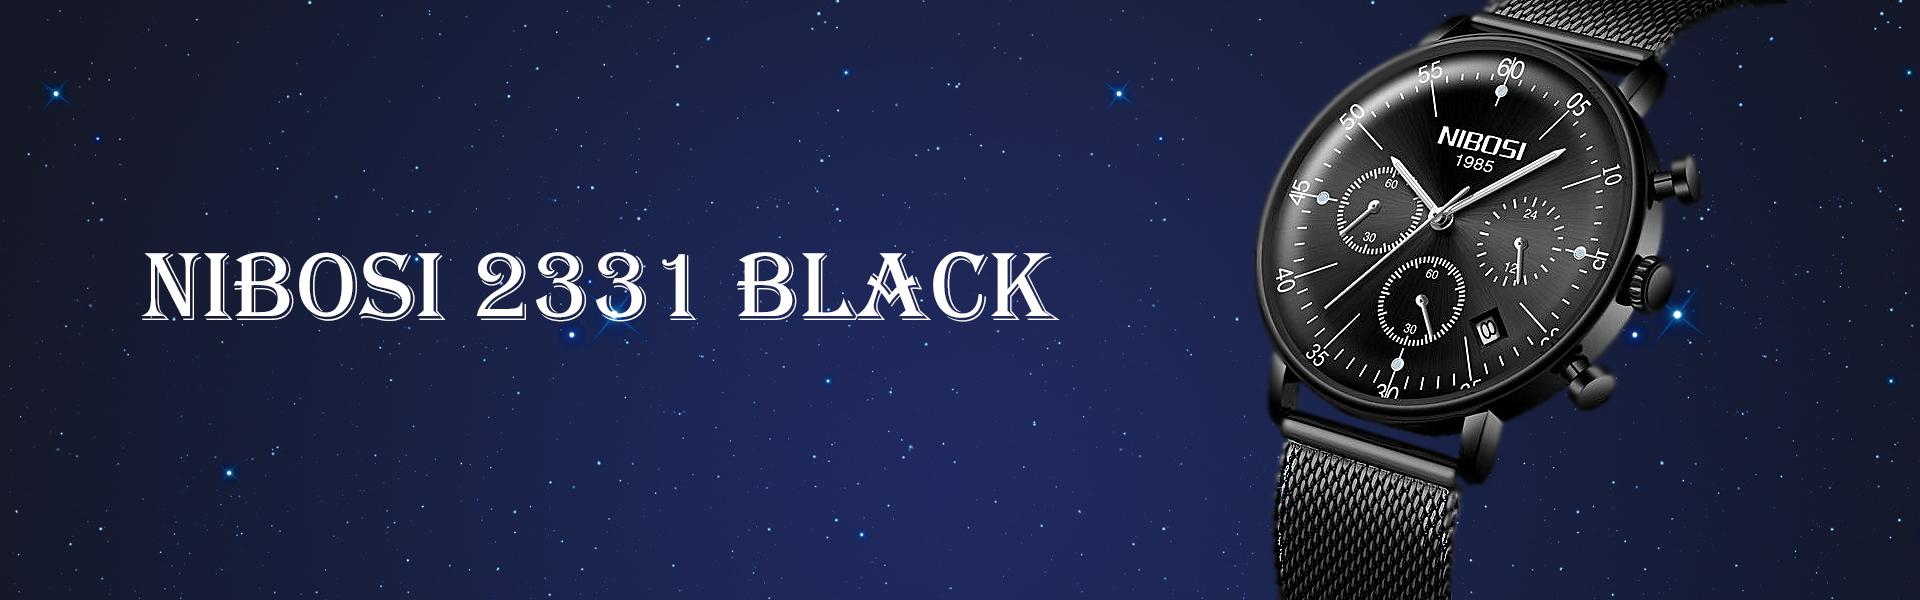 Купити Чоловічий Наручний Годинник (Nibosi 2331 Black) в Україні